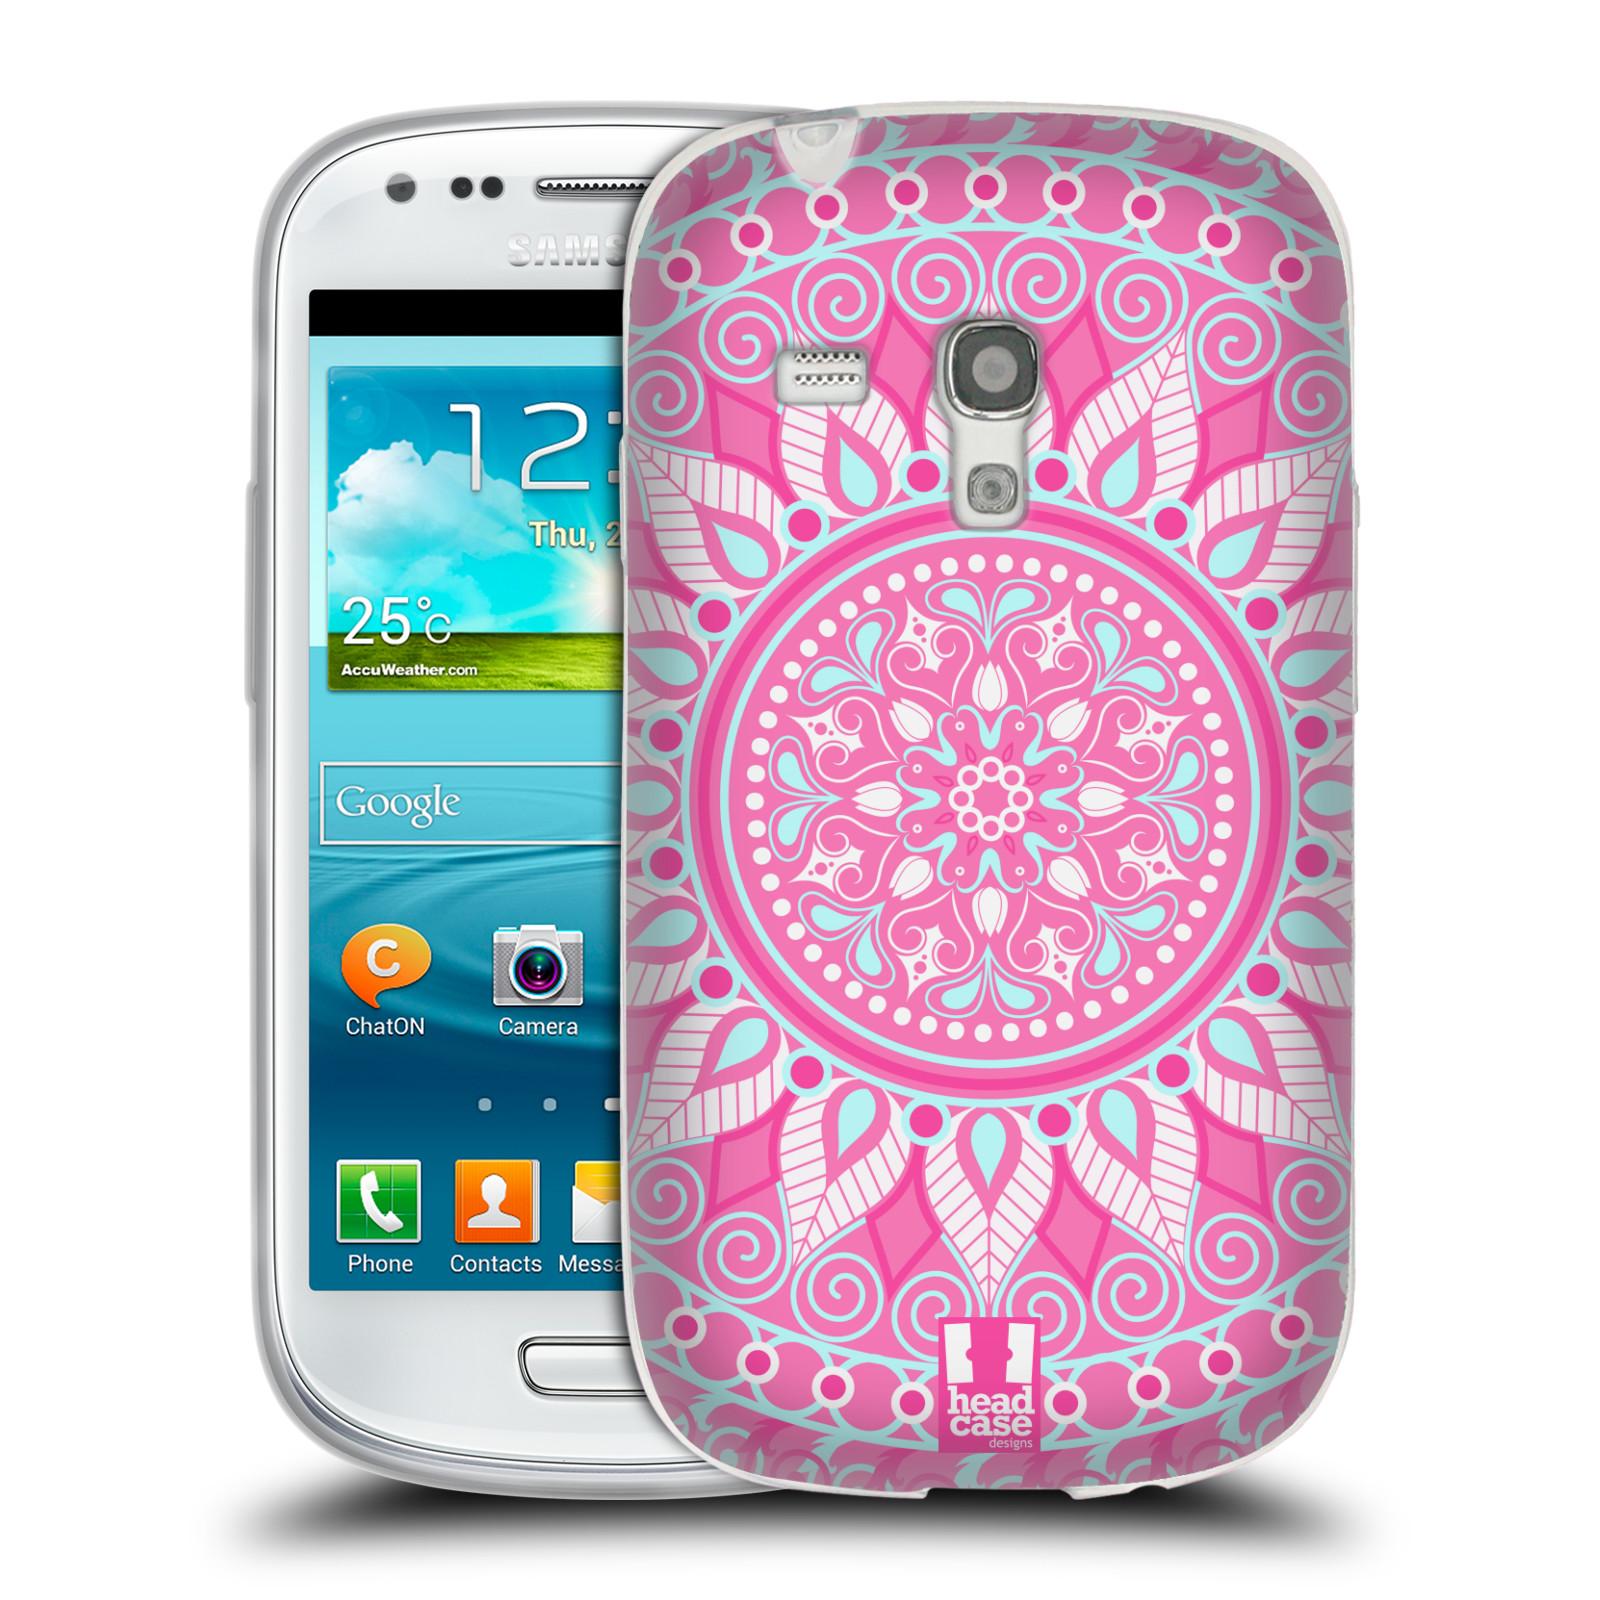 HEAD CASE silikonový obal na mobil Samsung Galaxy S3 MINI i8190 vzor Indie Mandala slunce barevný motiv RŮŽOVÁ